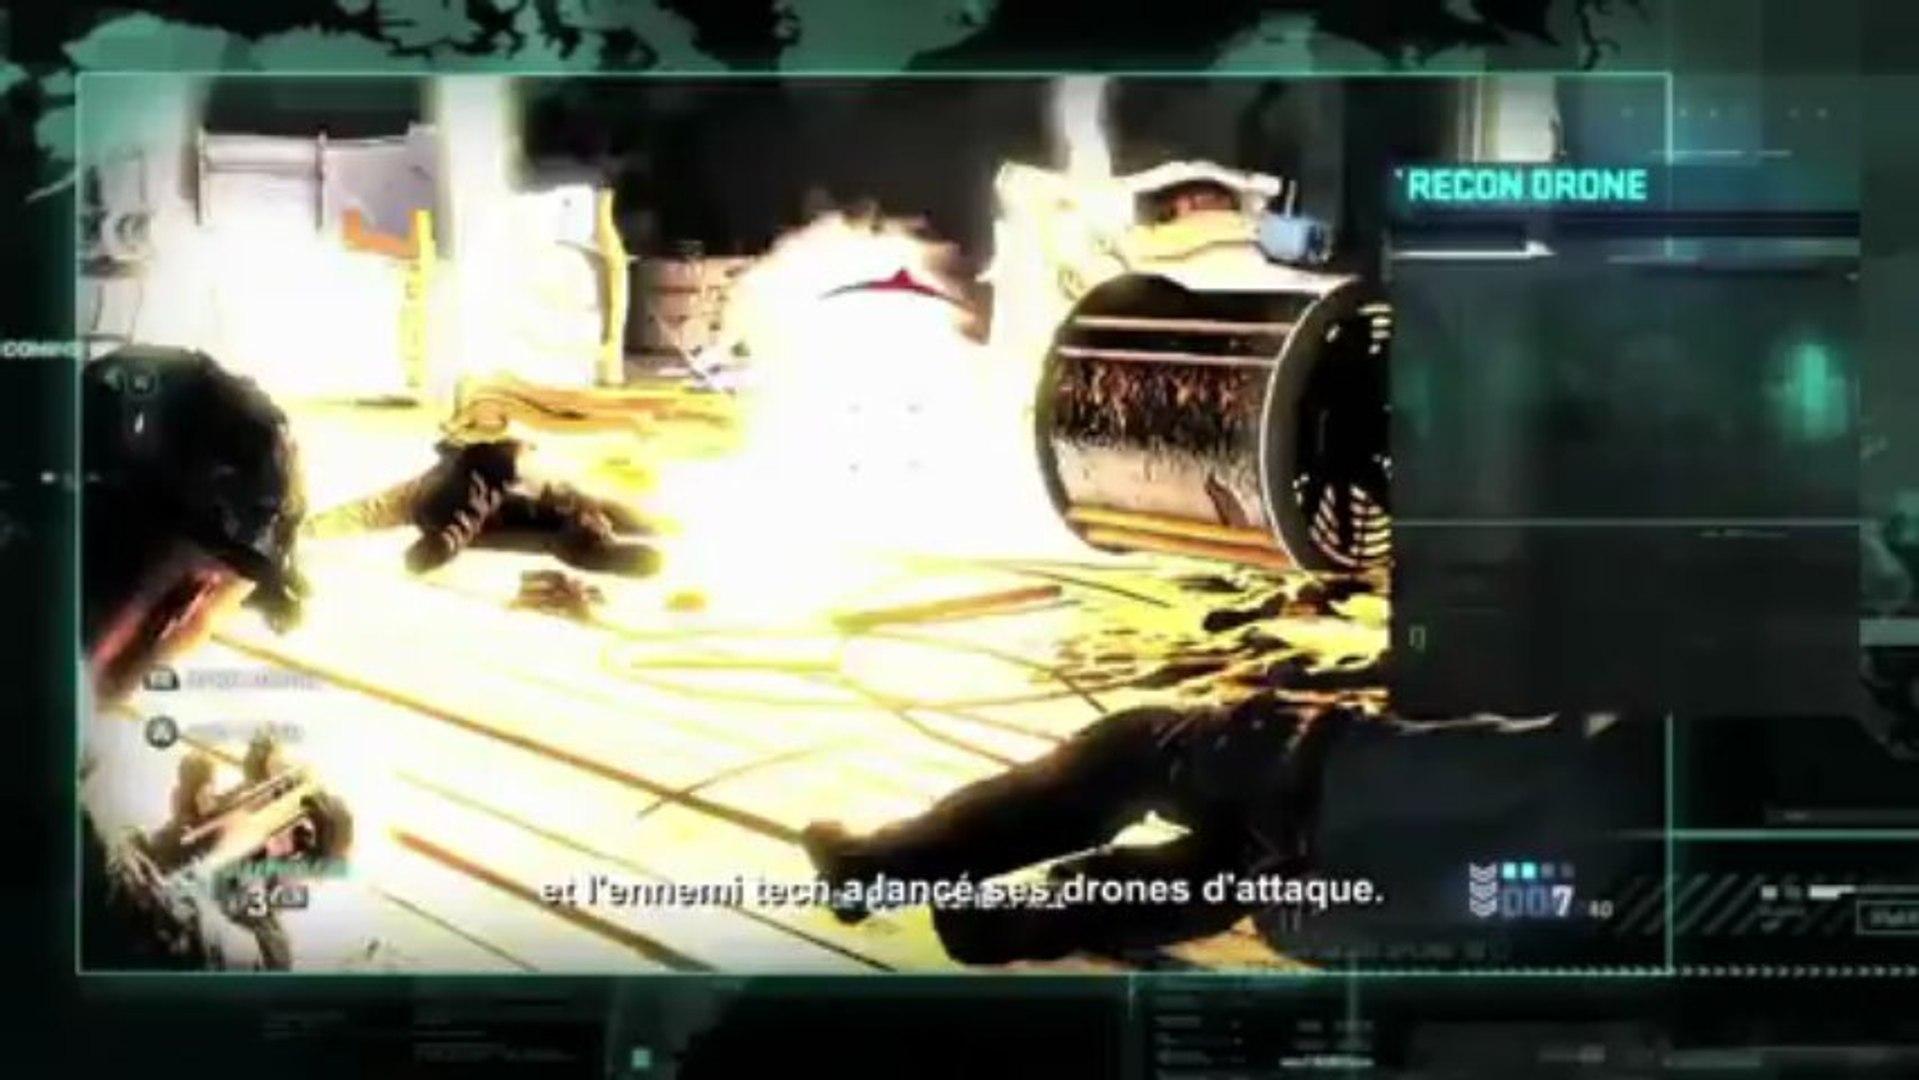 Splinter Cell Blacklist - Vidéo commentée